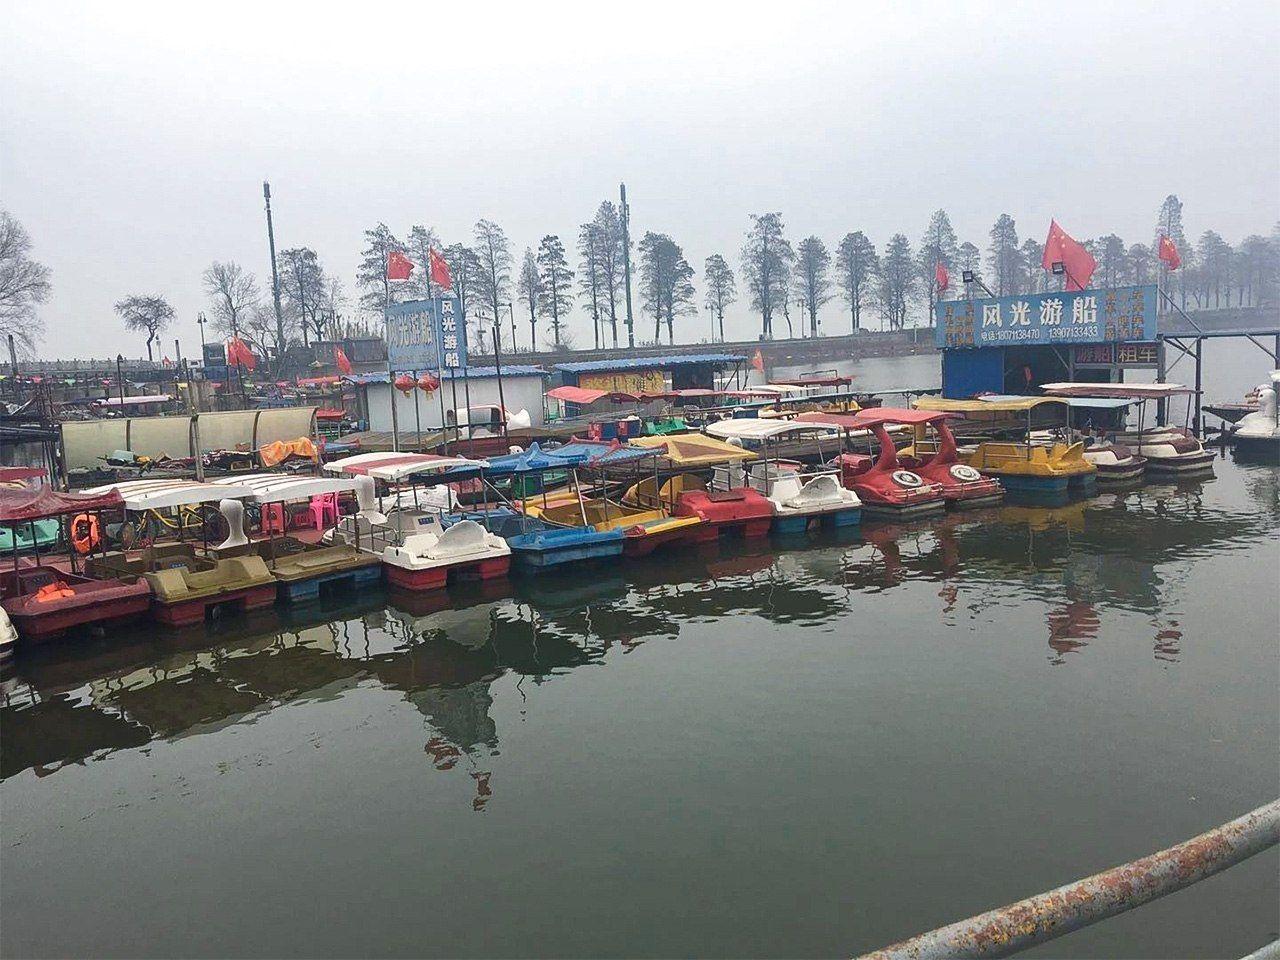 感染症の拡大がなければ、今ごろは遊覧船で水辺の景色を楽しむ観光客で賑わっていたかもしれない。封鎖前の時期に撮影